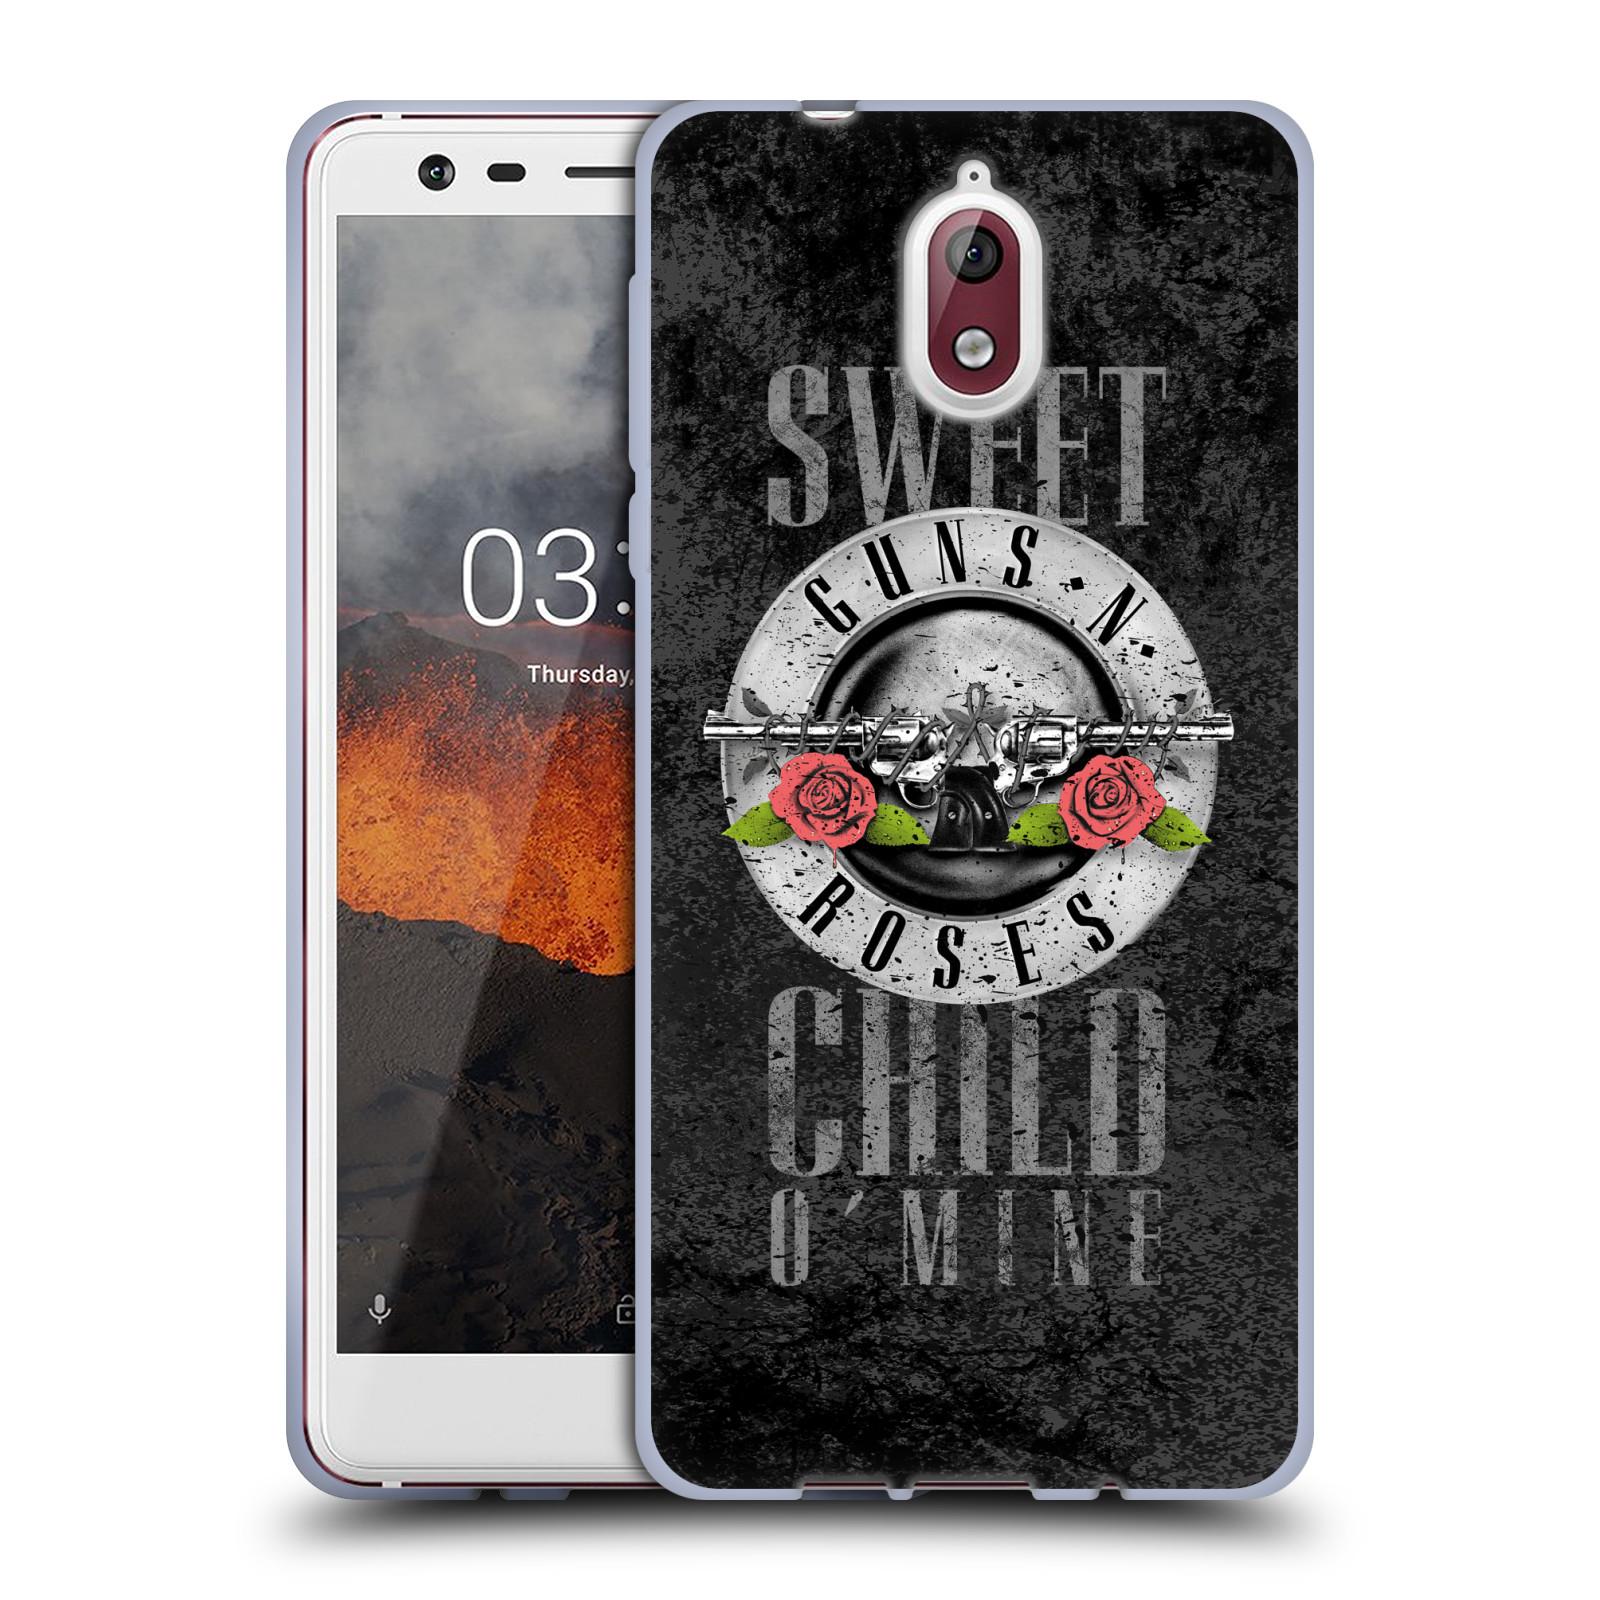 Silikonové pouzdro na mobil Nokia 3.1 - Head Case - Guns N' Roses - Sweet Child